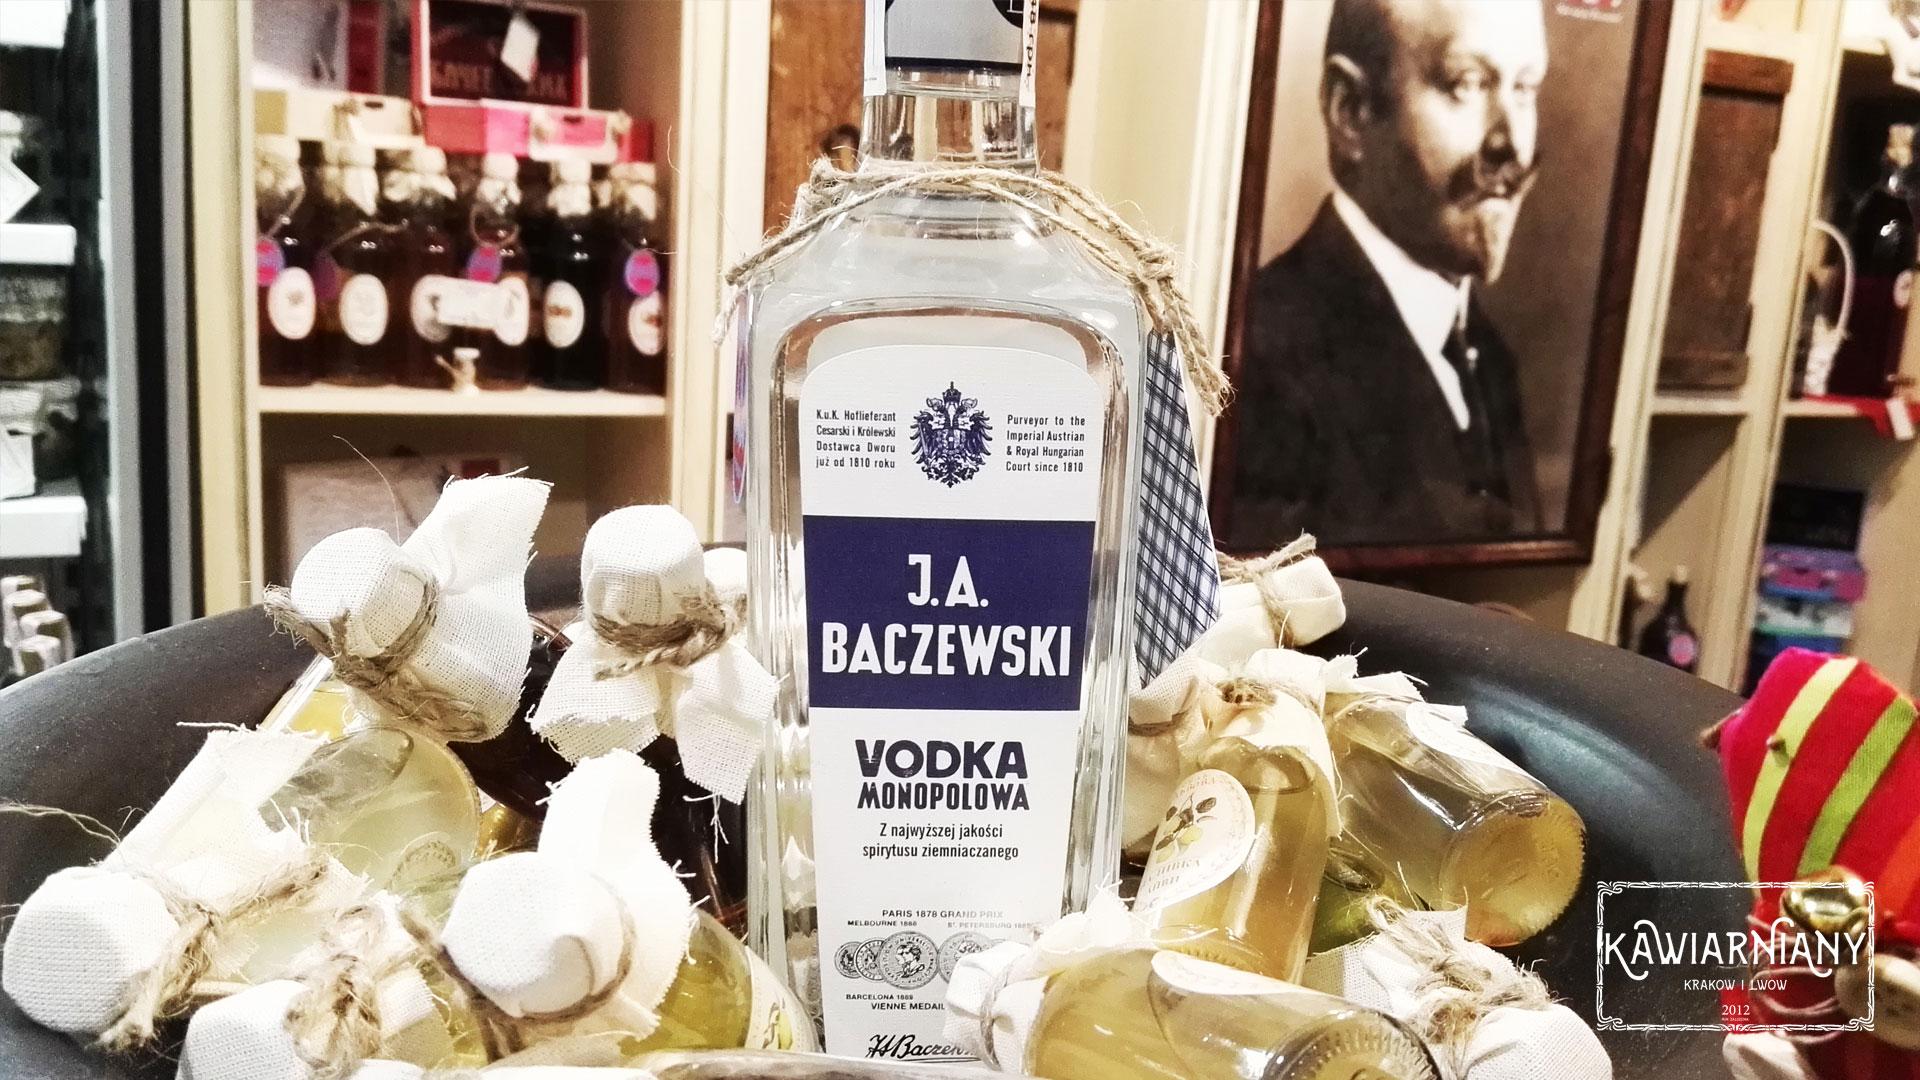 Ceny wódki i ceny alkoholu na Ukrainie. Czy jest tanio we Lwowie?